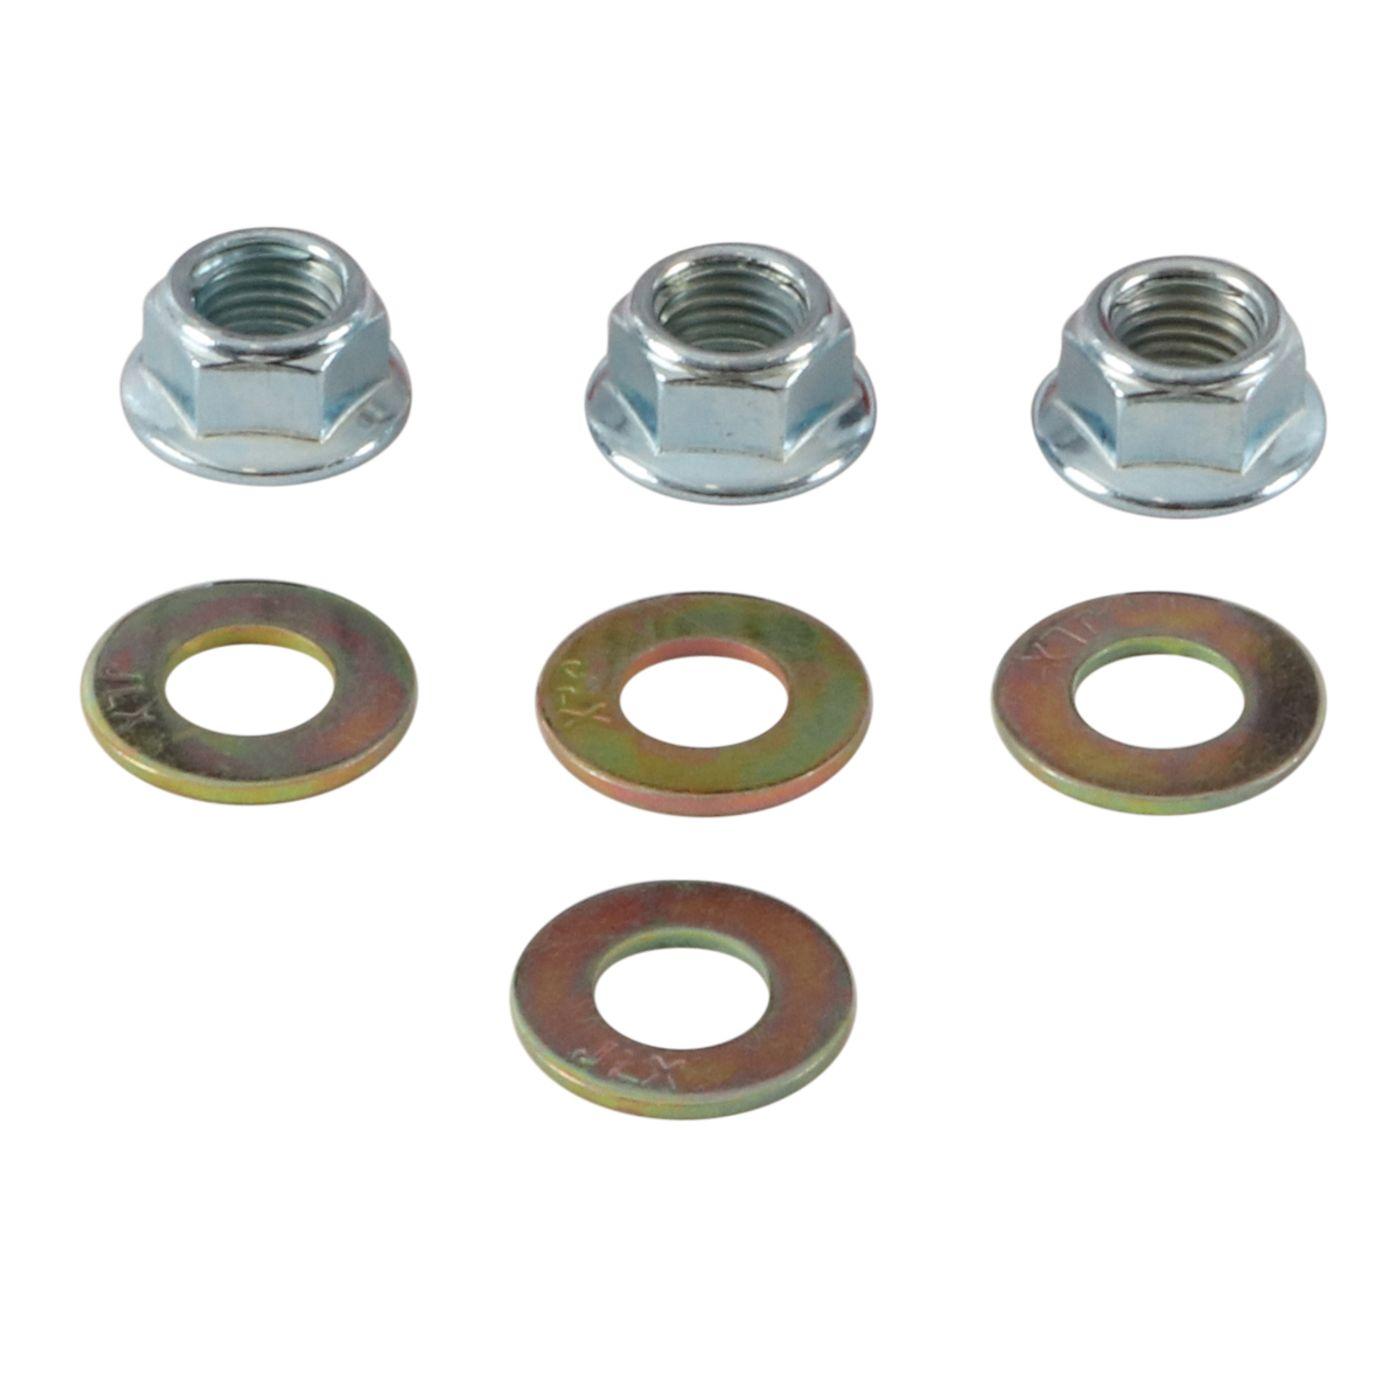 Wrp Wheel Nut Kits - WRP851219 image